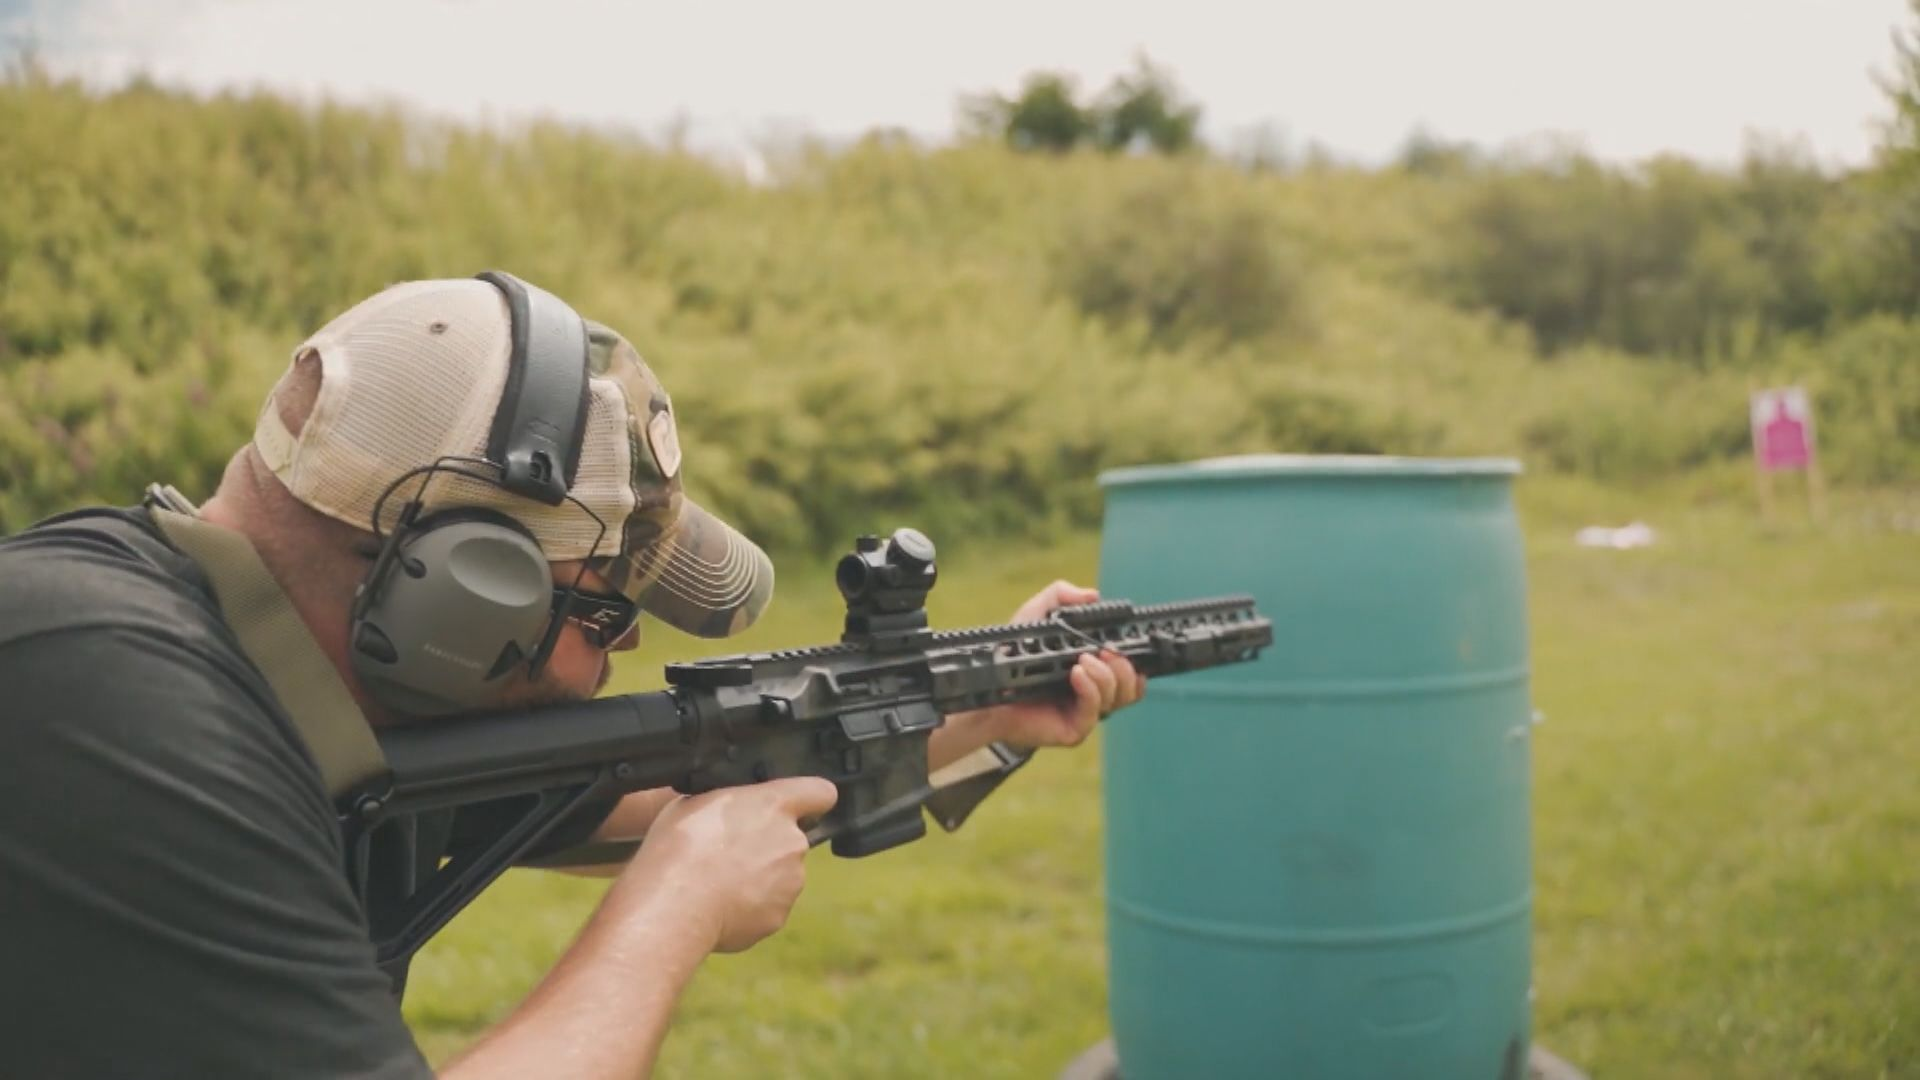 美聯邦法官指加州攻擊性武器禁令違憲